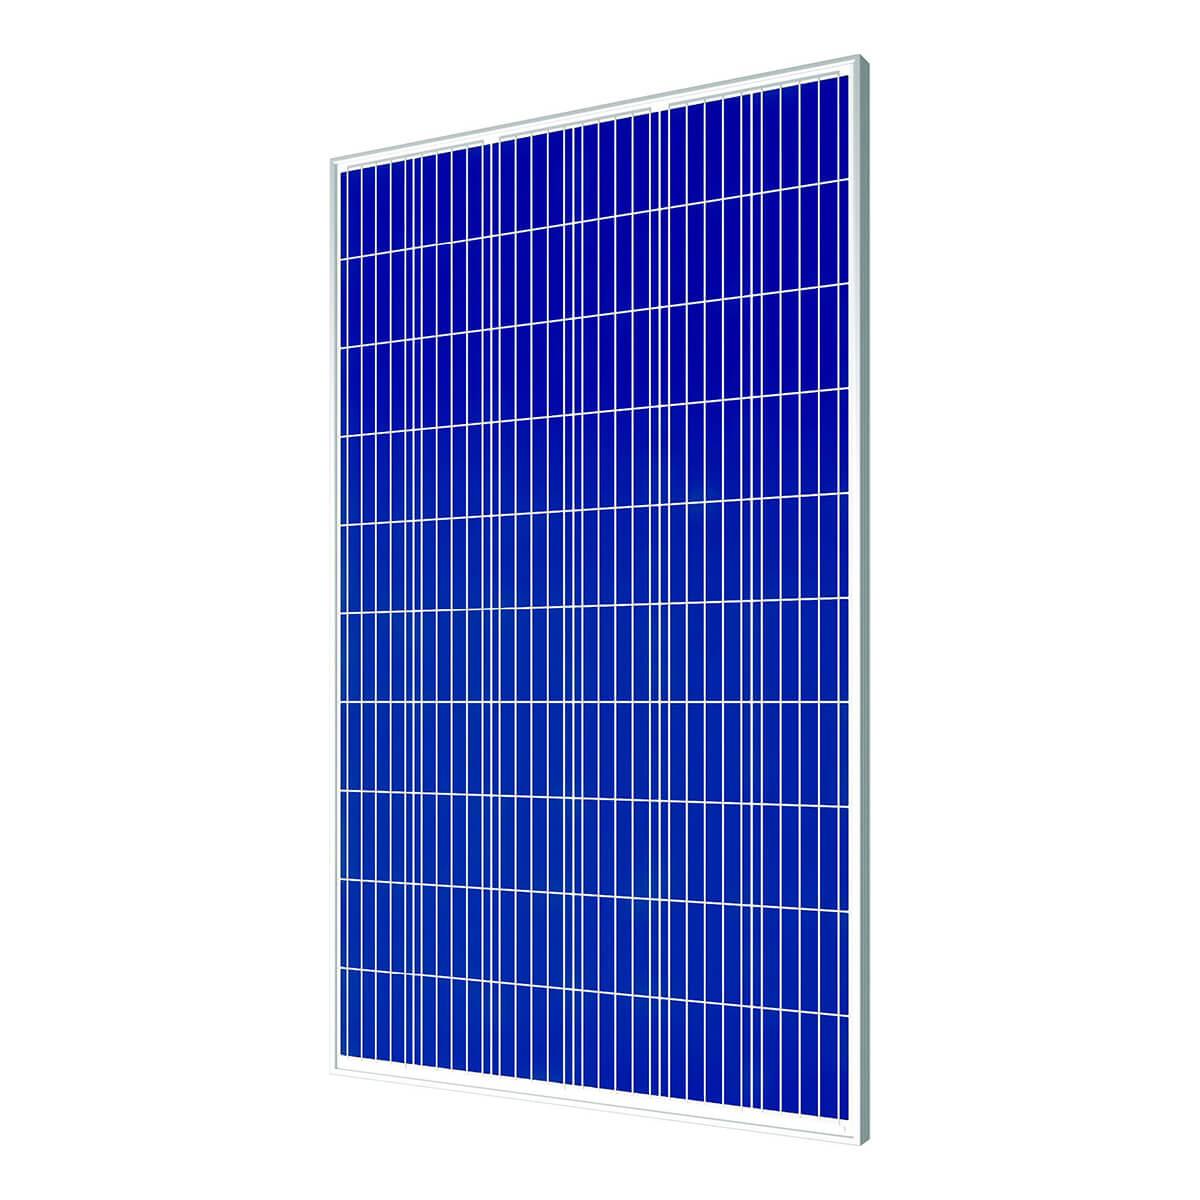 cw enerji 270W panel, cw enerji 270Watt panel, cw enerji 270 W panel, cw enerji 270 Watt panel, cw enerji 270 Watt polikristal panel, cw enerji 270 W watt gunes paneli, cw enerji 270 W watt polikristal gunes paneli, cw enerji 270 W Watt fotovoltaik polikristal solar panel, cw enerji 270W polikristal gunes enerjisi, cw enerji CWT270-60P-270 panel, CW Enerji 270 WATT